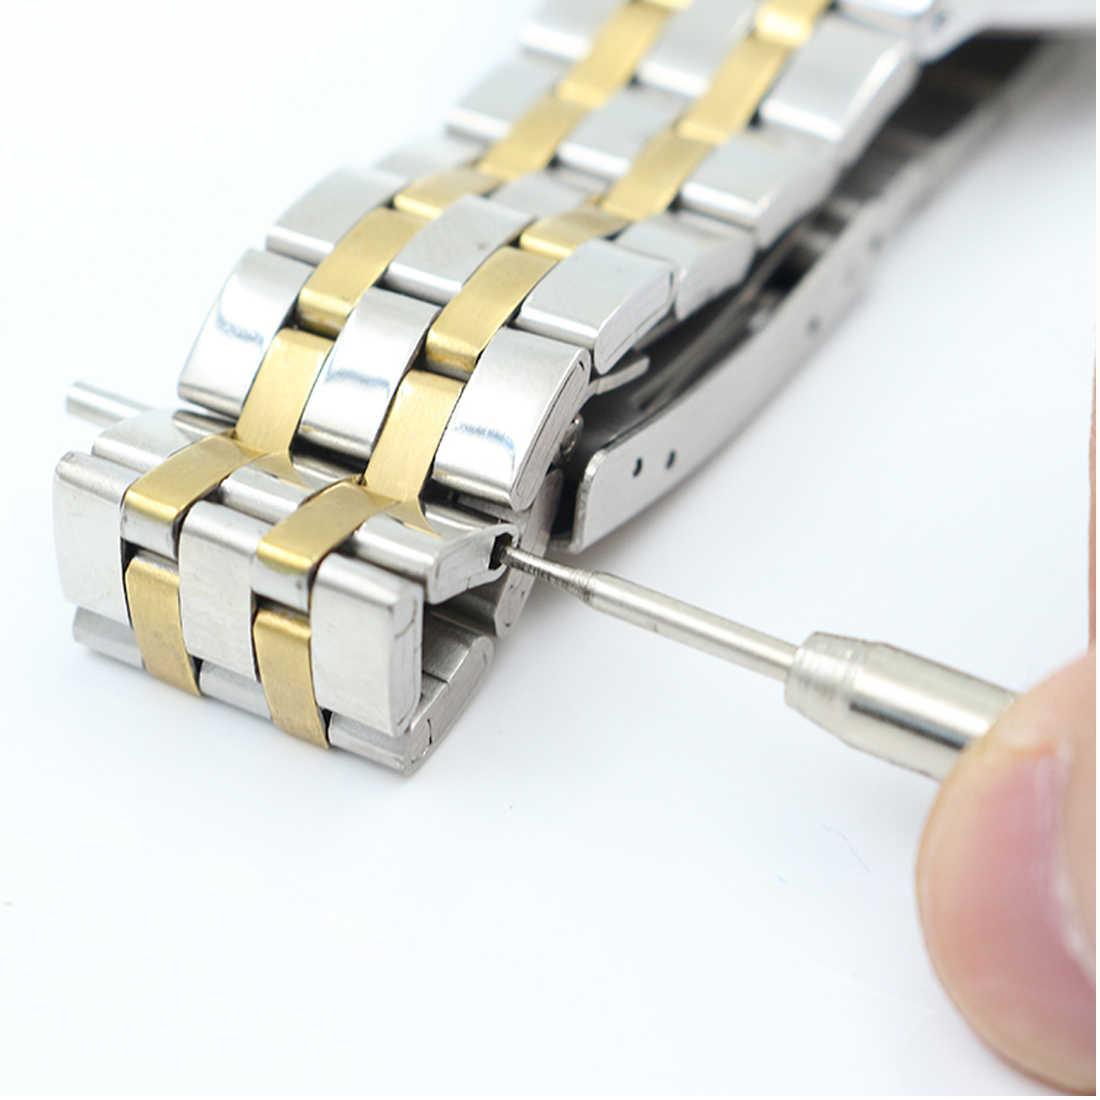 מתכת שעון להקת נירוסטה צמיד רצועת השעון פותחן רצועת להחליף אביב בר חיבור פין Remover כלי